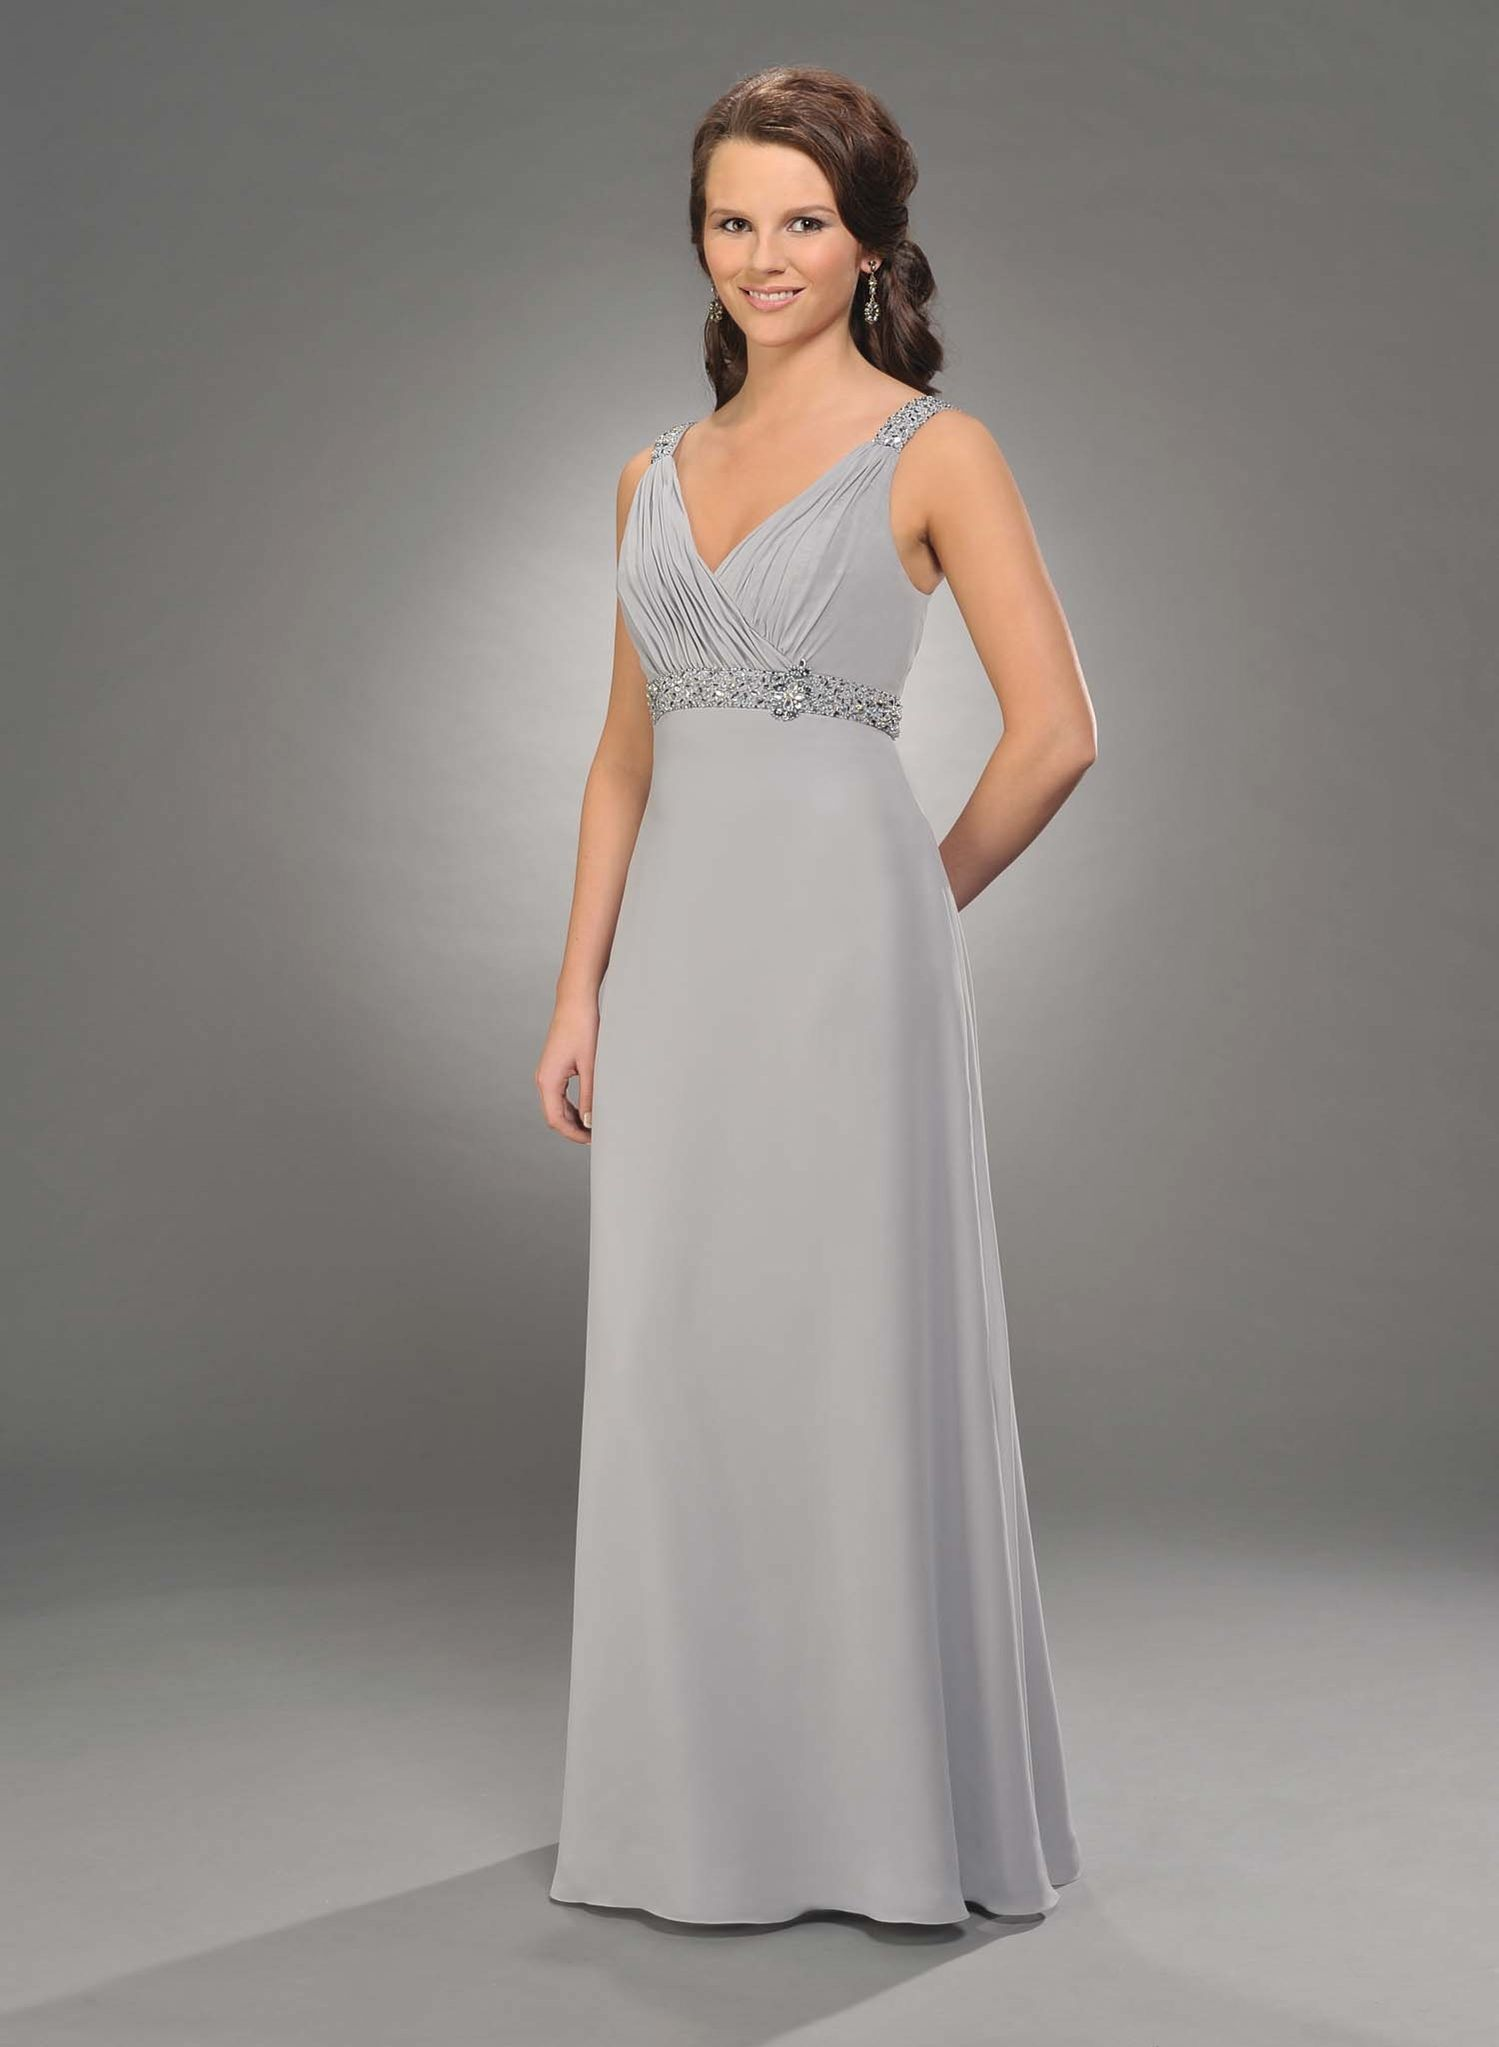 Silver chiffon prom dress